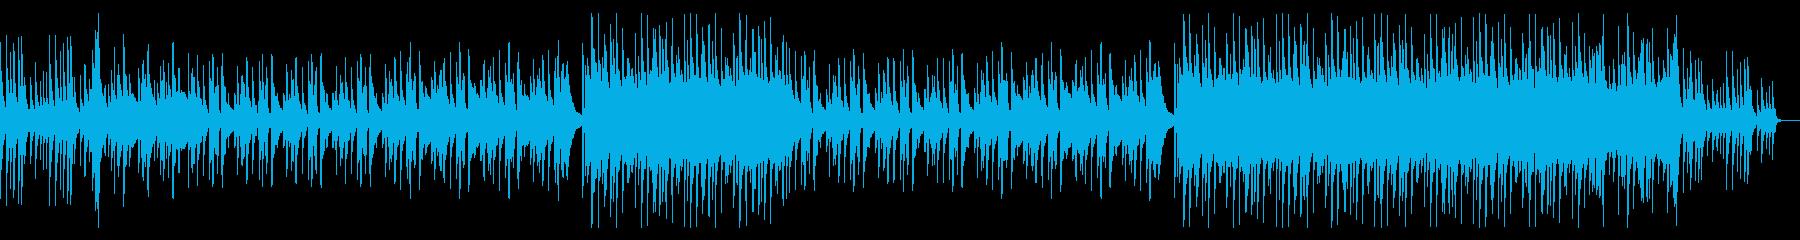 ピアノとエレキギターの冷たい幻想的ロックの再生済みの波形